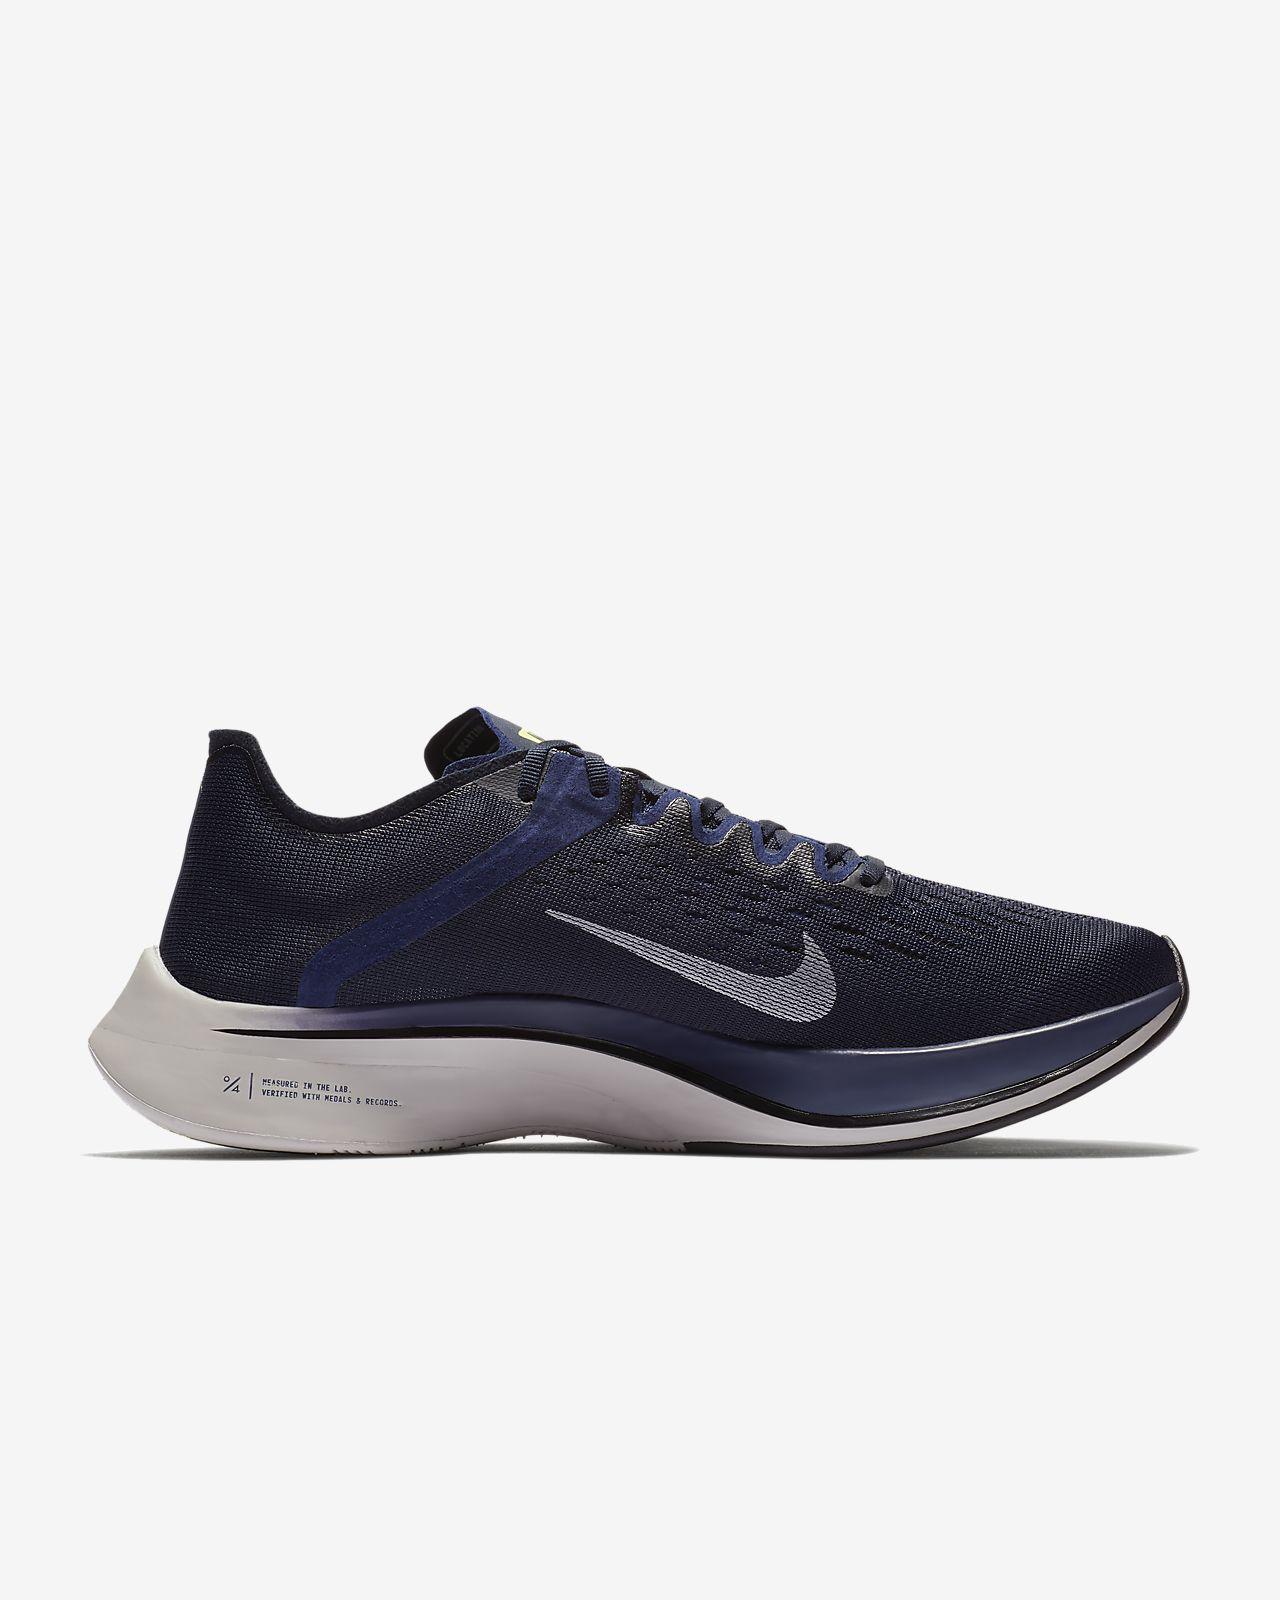 nike shoes 3 choix du fournisseur acces 937414